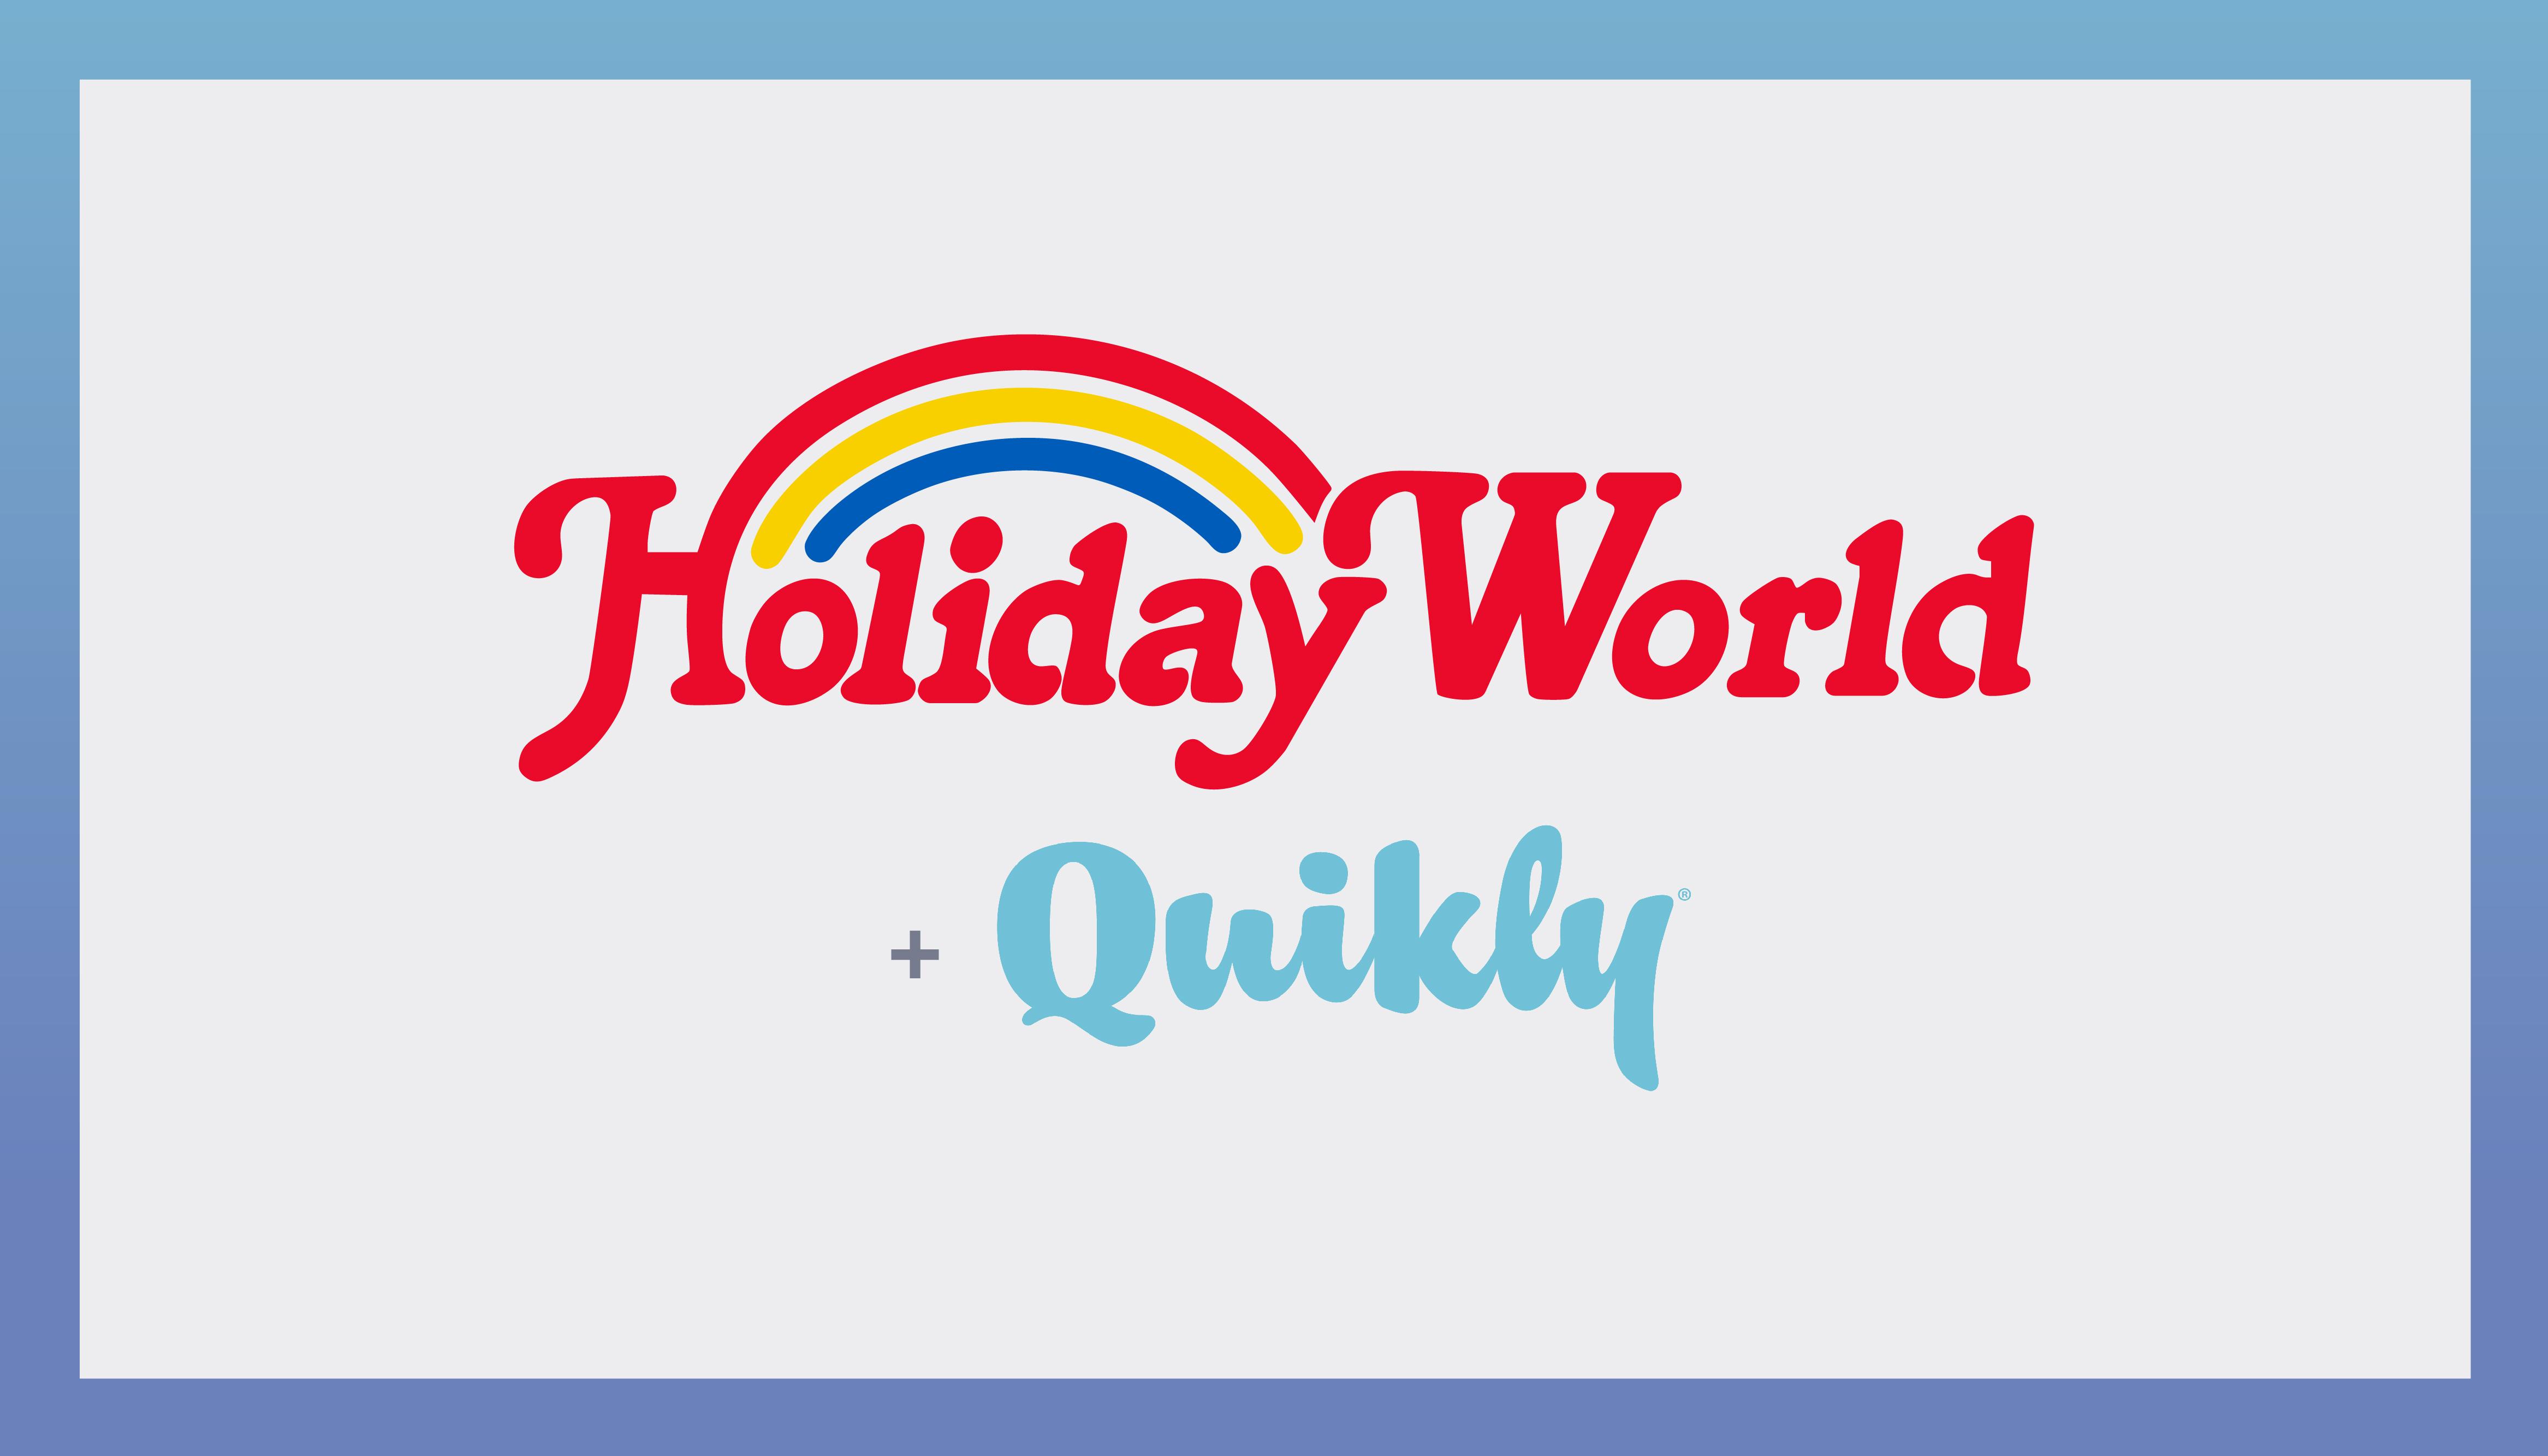 holidayworld-urgencymarketing